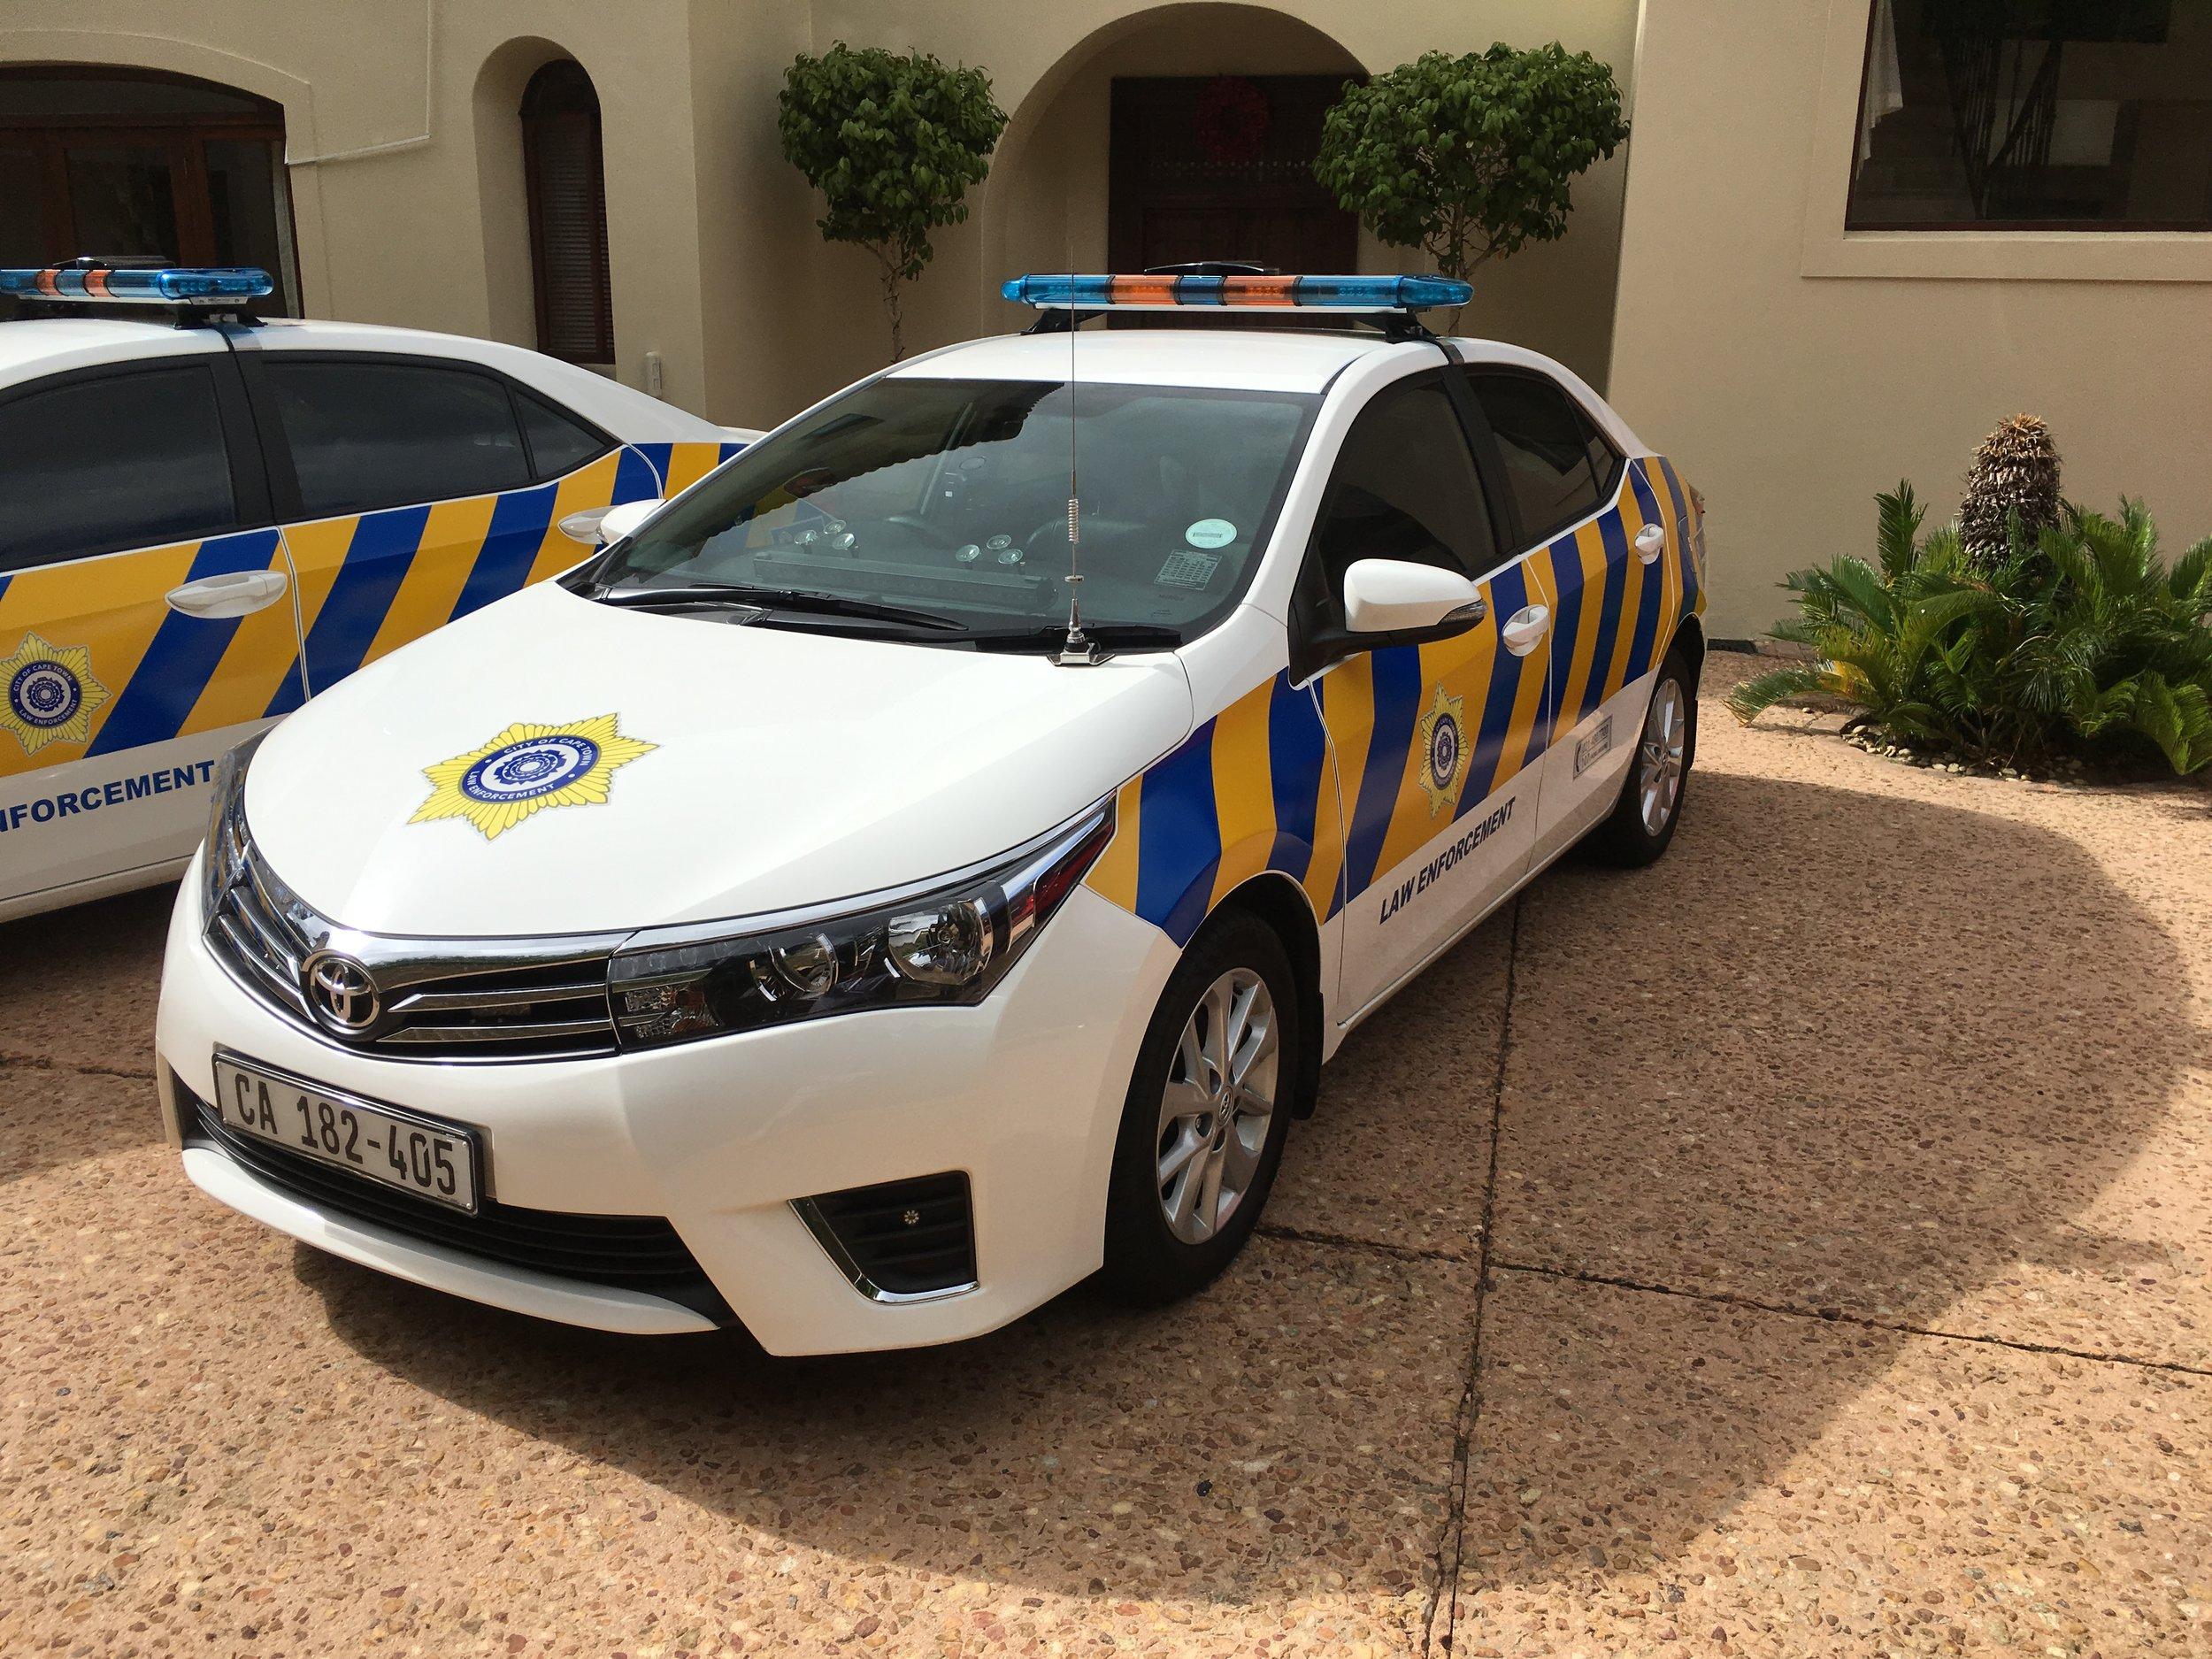 Law Enforcement Cape Town